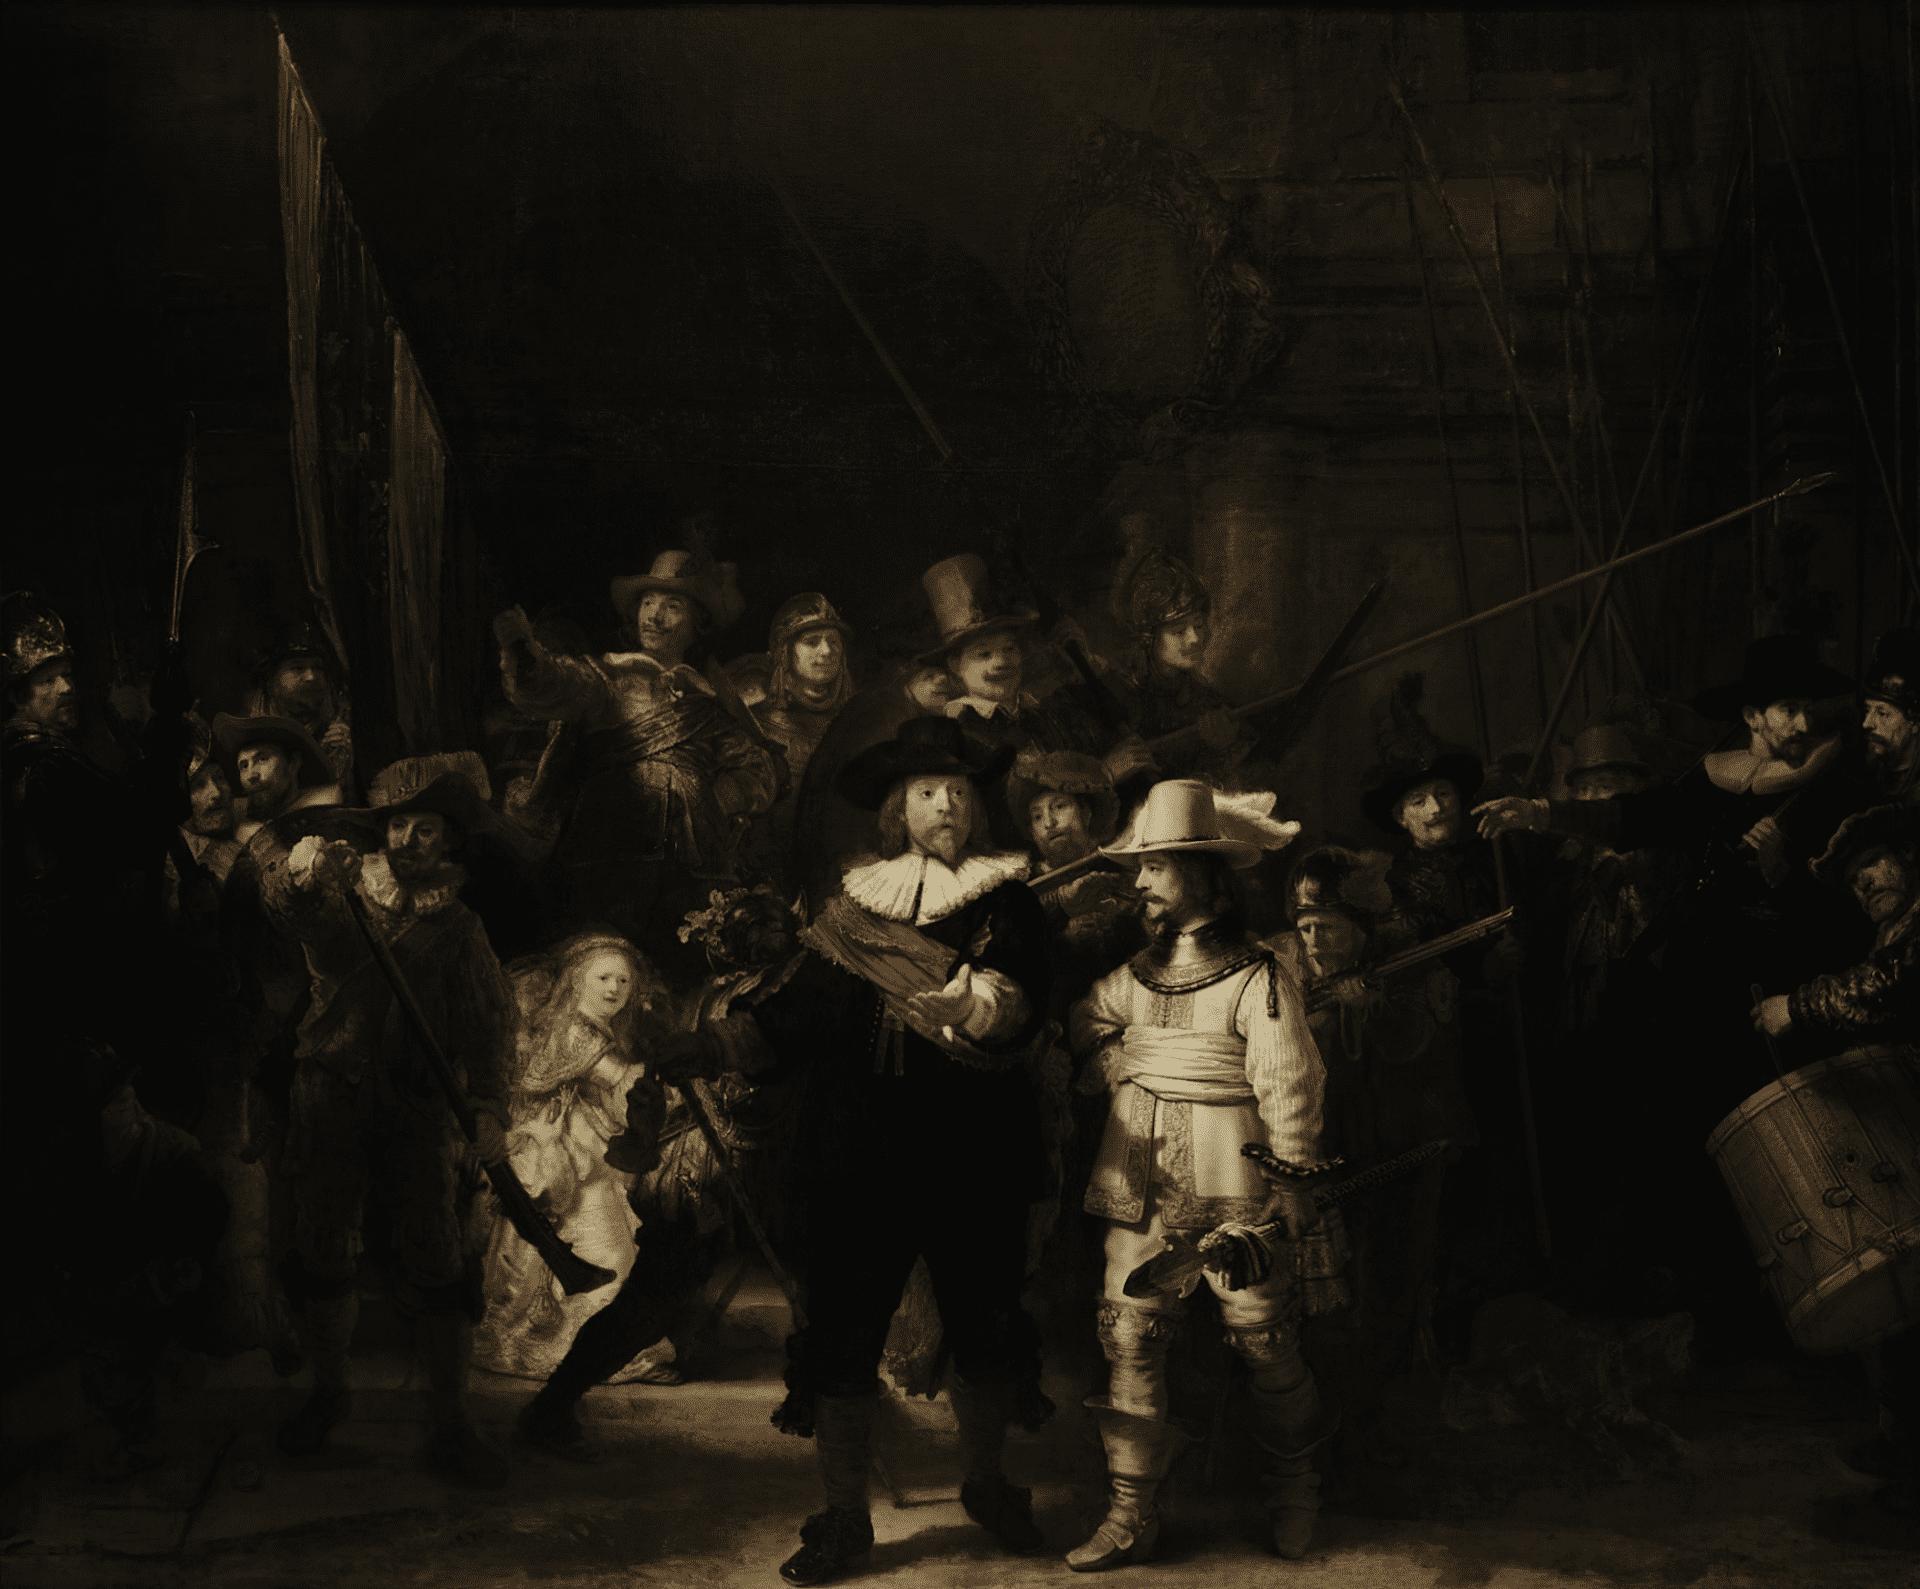 Le Rijksmuseum met à disposition 709 000 œuvres gratuitement en HD ! (vidéo sur Bidfoly.com) Par Maxime Delmas Musee-rijksmuseum-oeuvres-1-1920x1589